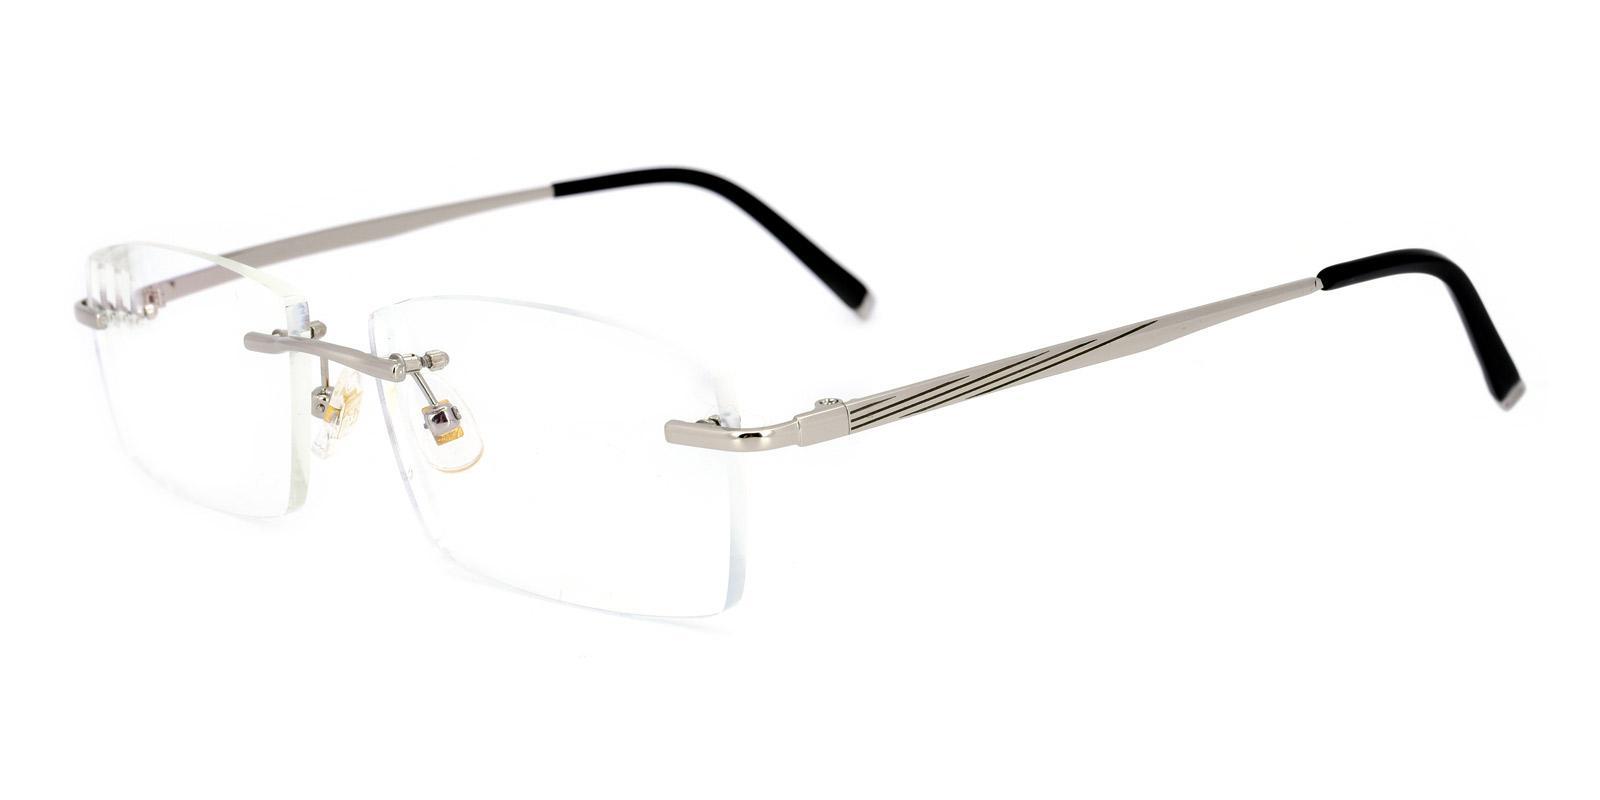 Edison-Silver-Varieties-Titanium-Eyeglasses-additional1